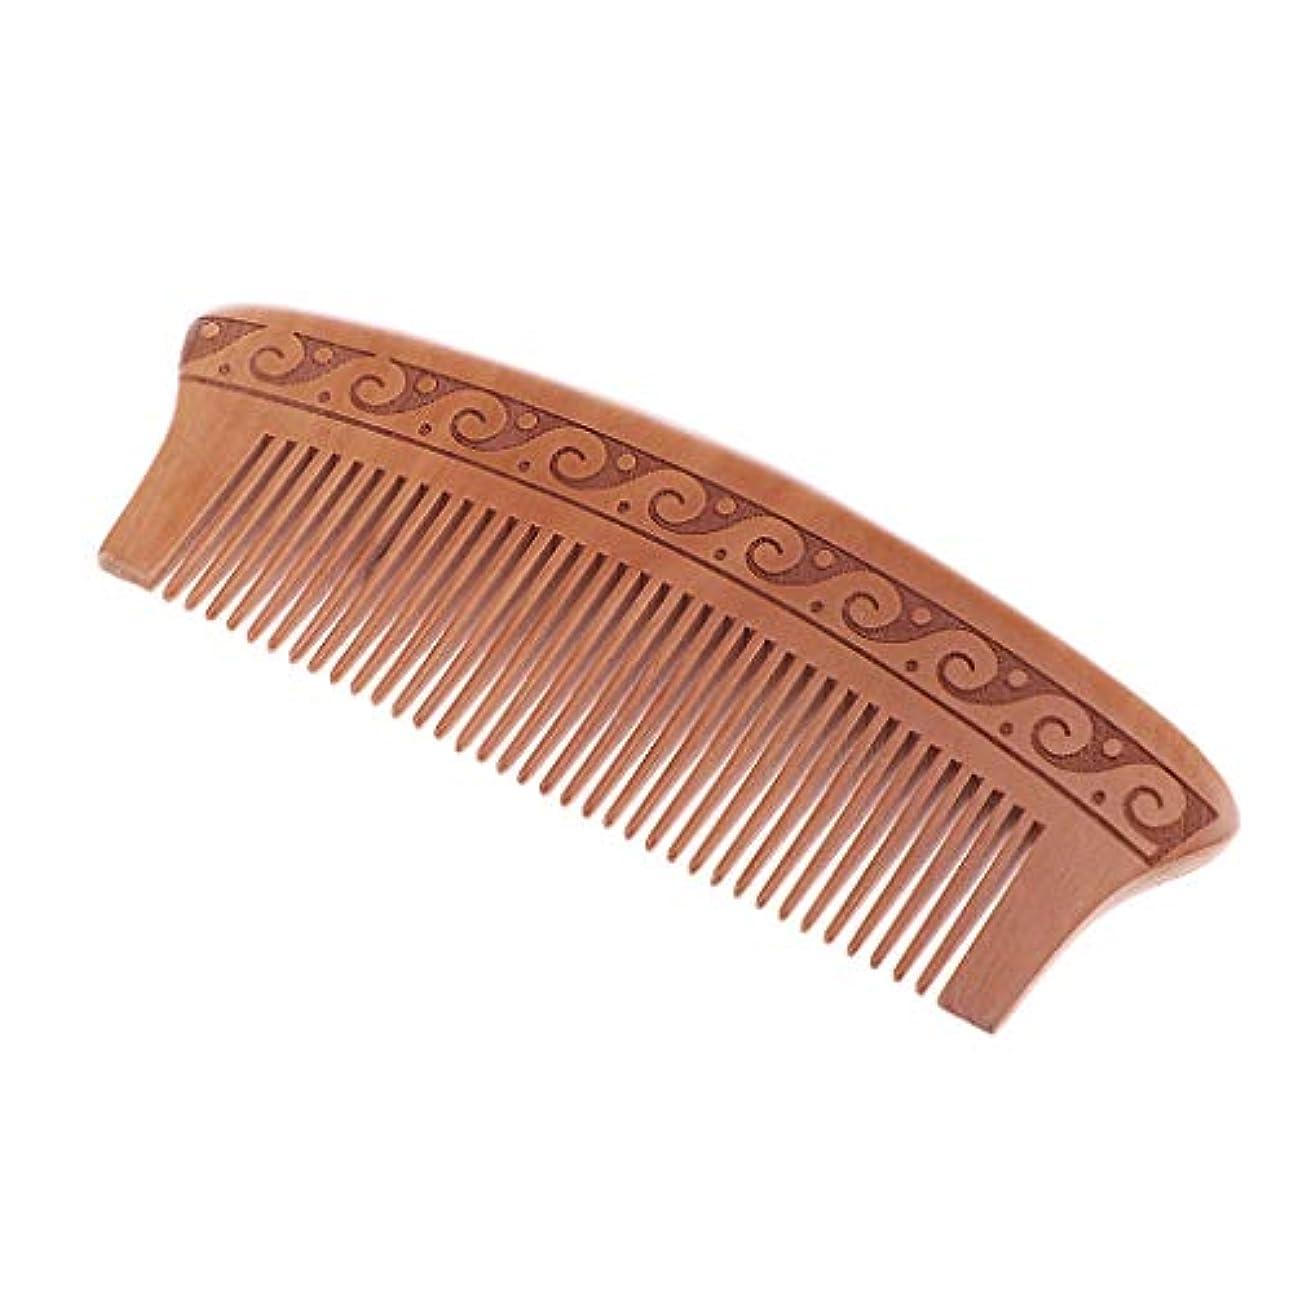 モニカアトラス市民権ウッドワイドの歯静電気防止マホガニー櫛頭マッサージ木製の櫛 - J16d